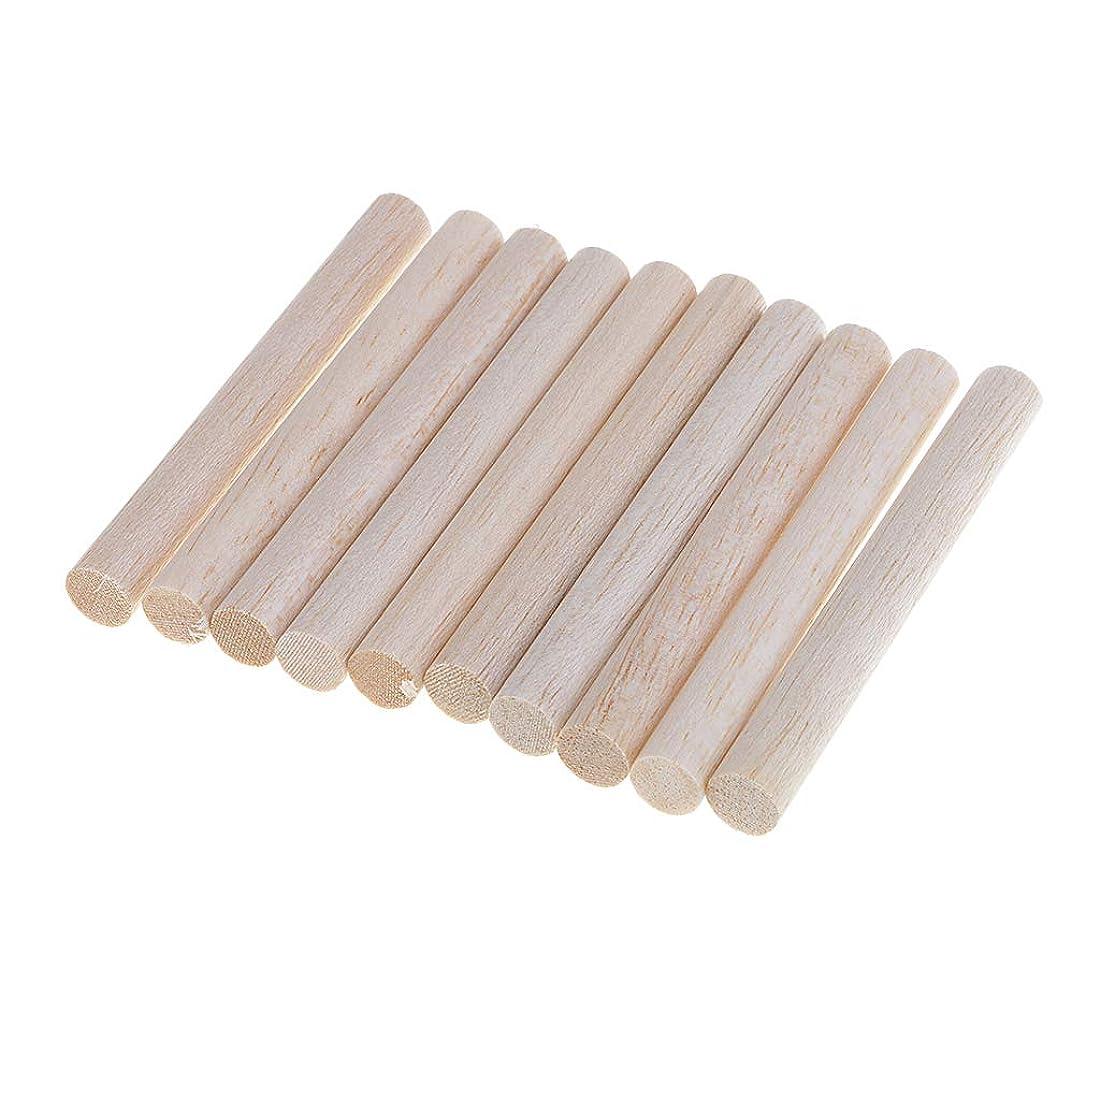 頭蓋骨絶滅した大宇宙10本入り 多目的 手芸材料 木製 3サイズ選べ 丸い 木棒 木工 手作り デザイン小物 DIY工芸品 - 100mm